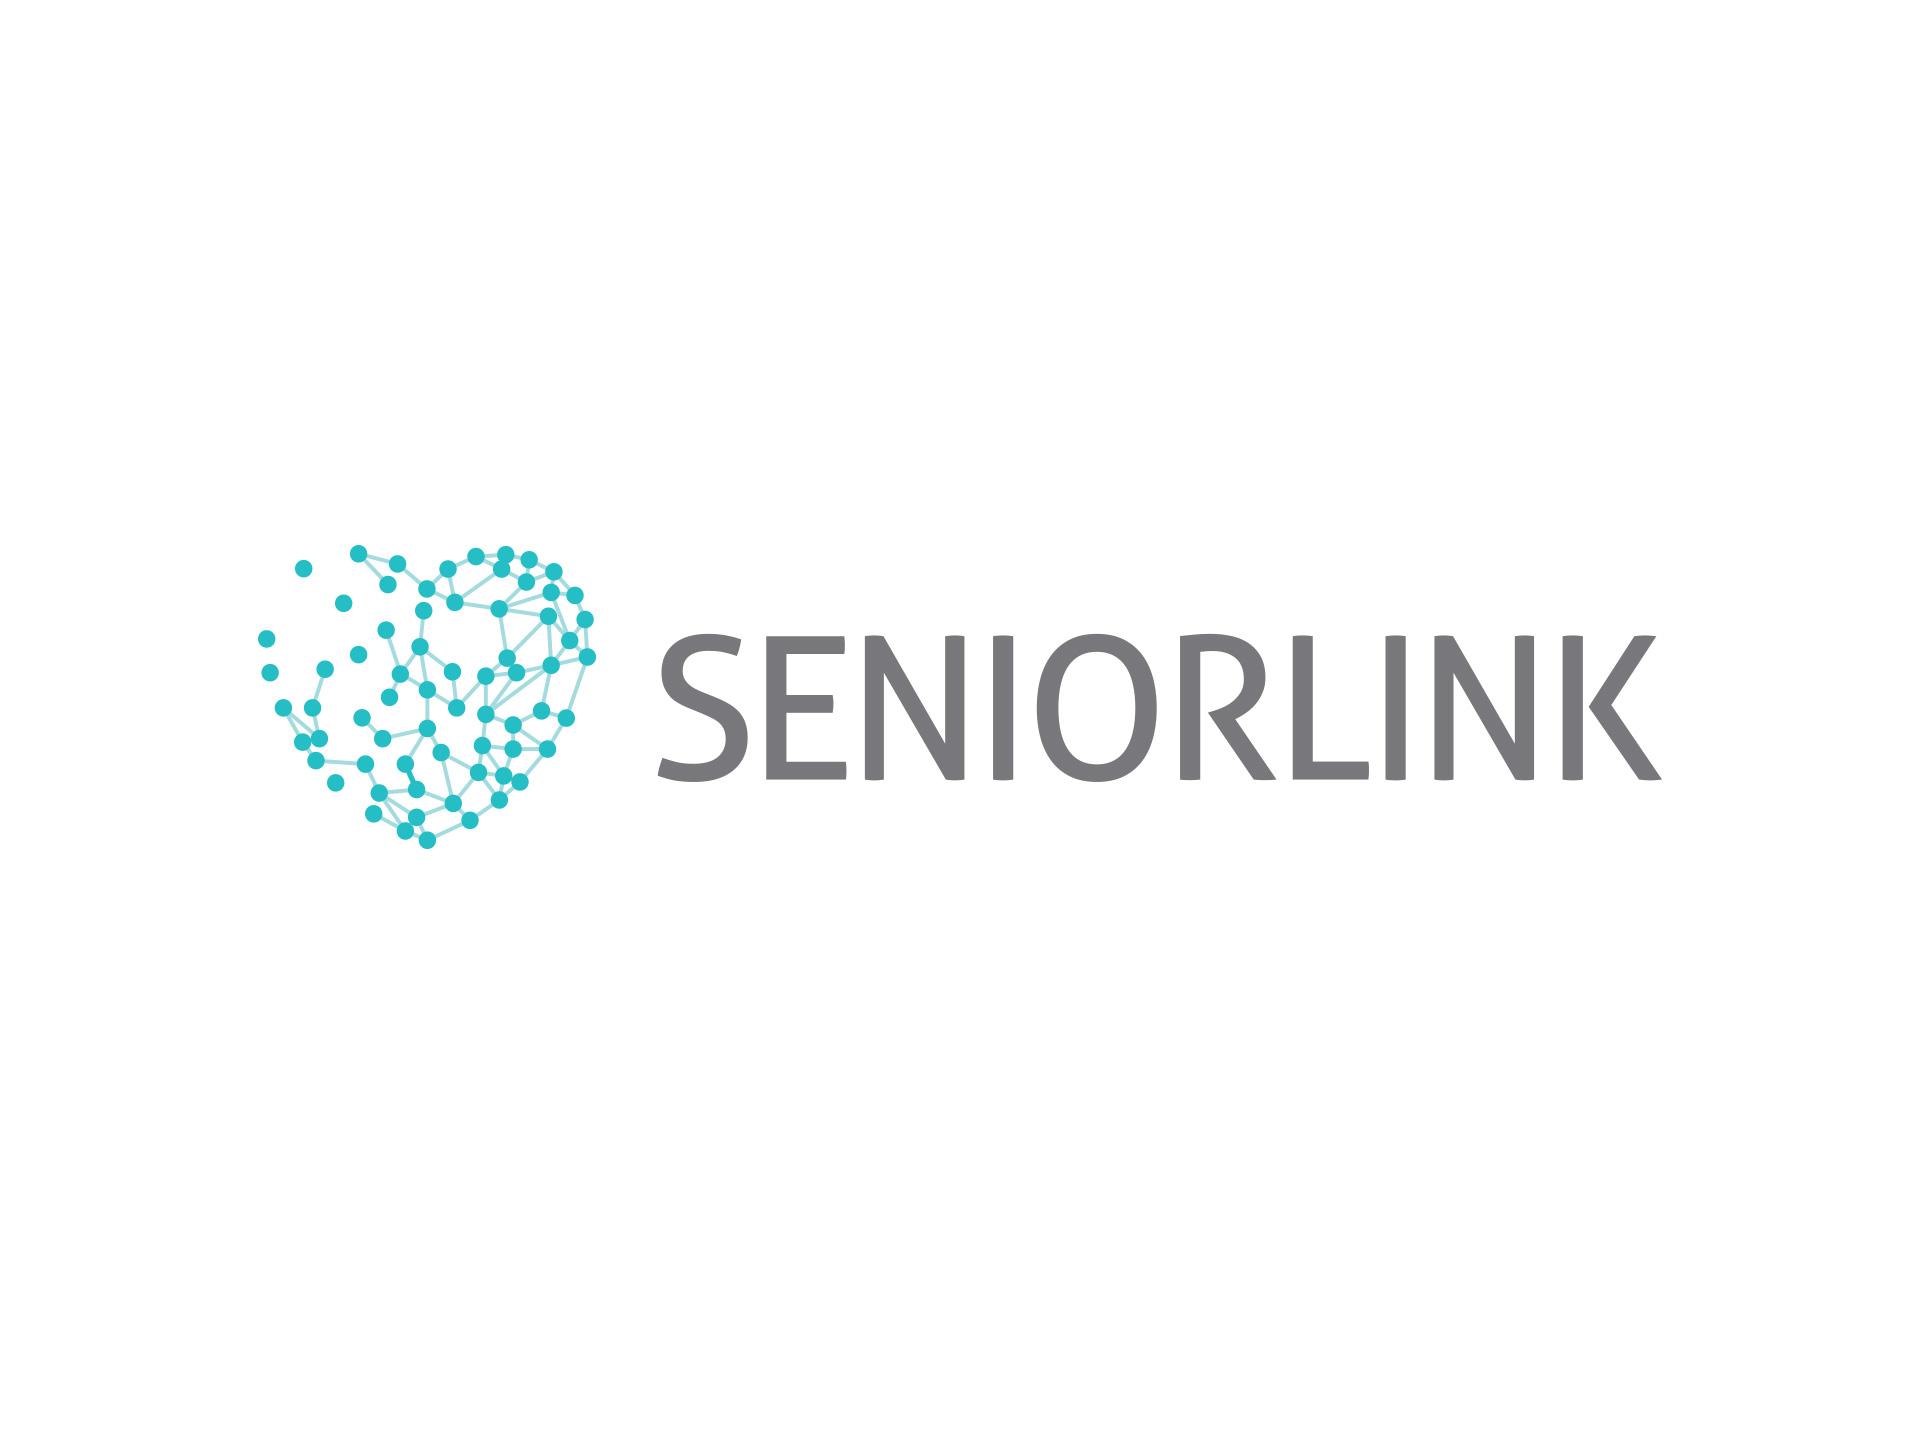 seniorlink.jpg